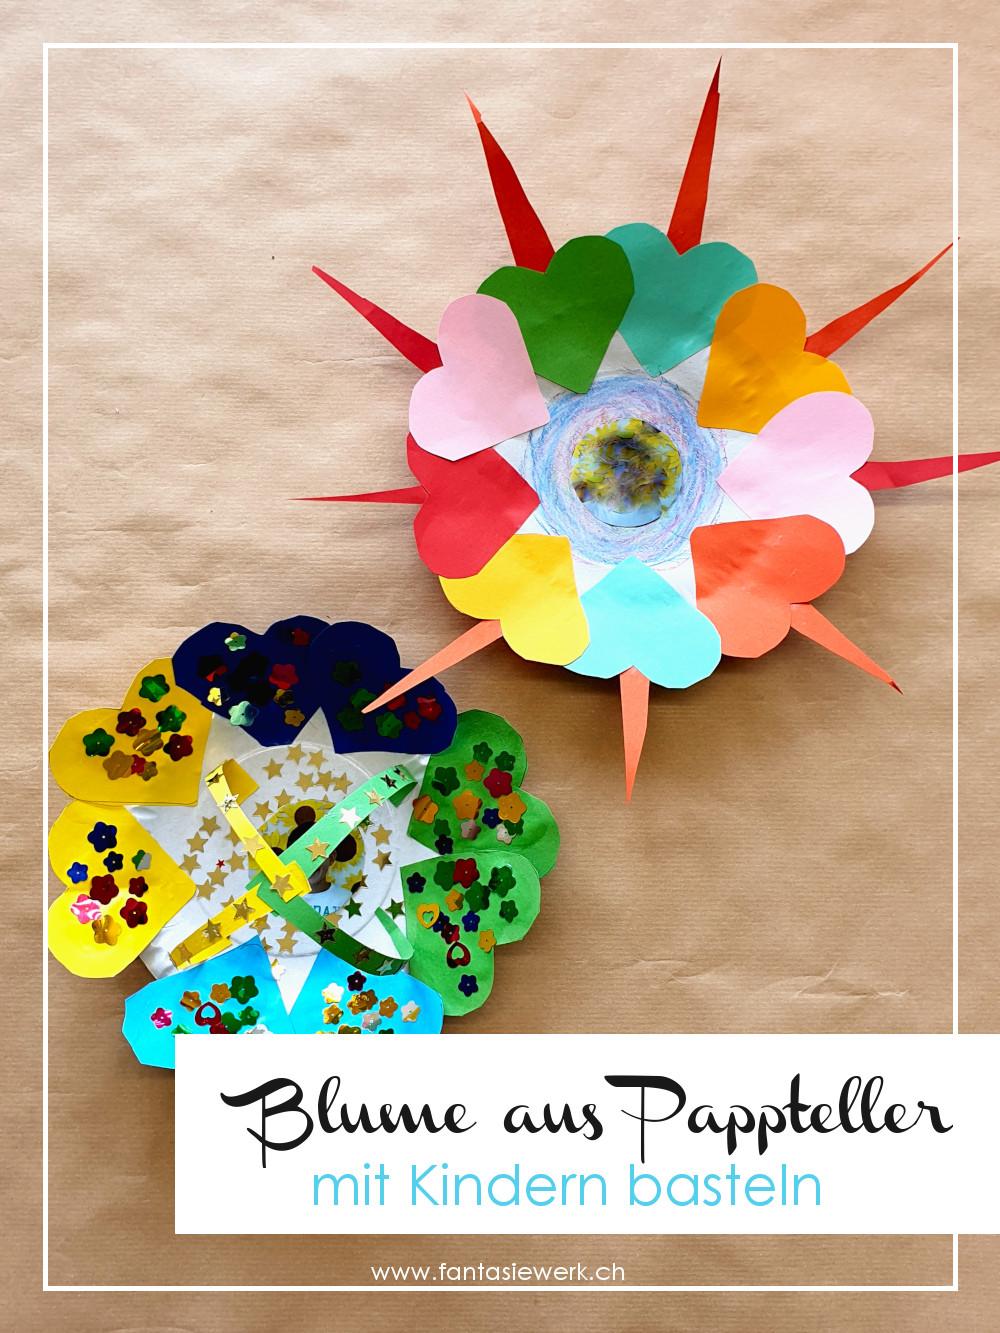 Blume aus Papptellern basteln mit Kindern | Kreativ - Angebot zum individuell Gestalten | von Fantasiewerk